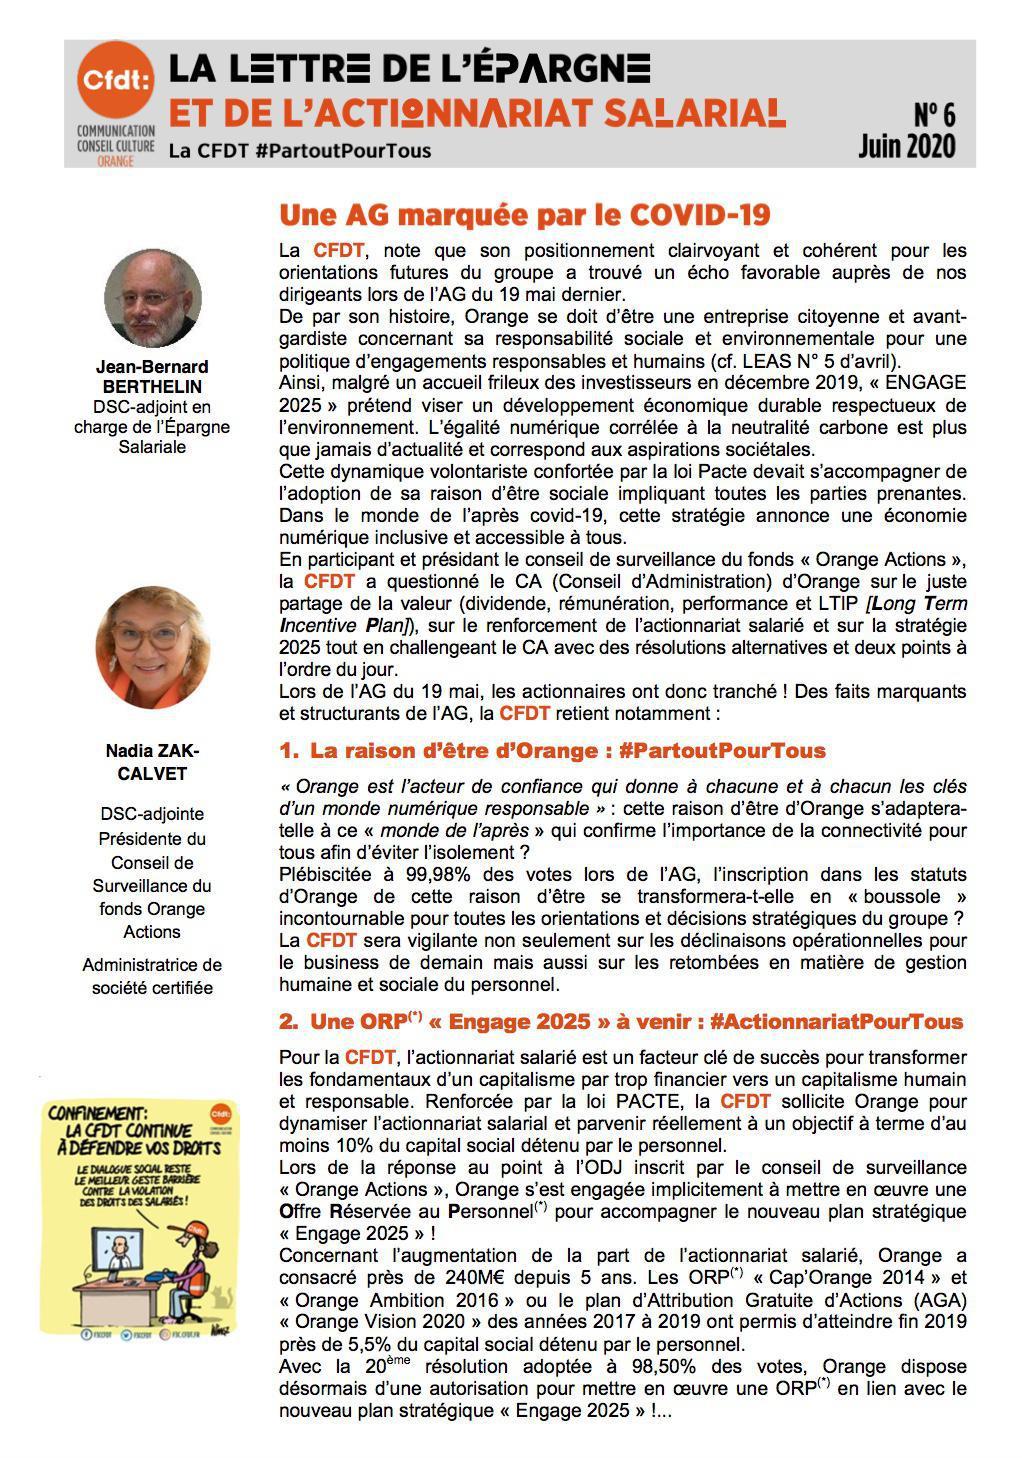 La lettre de l'épargne et de l'actionnariat salarial - N°6 - Juin 2020